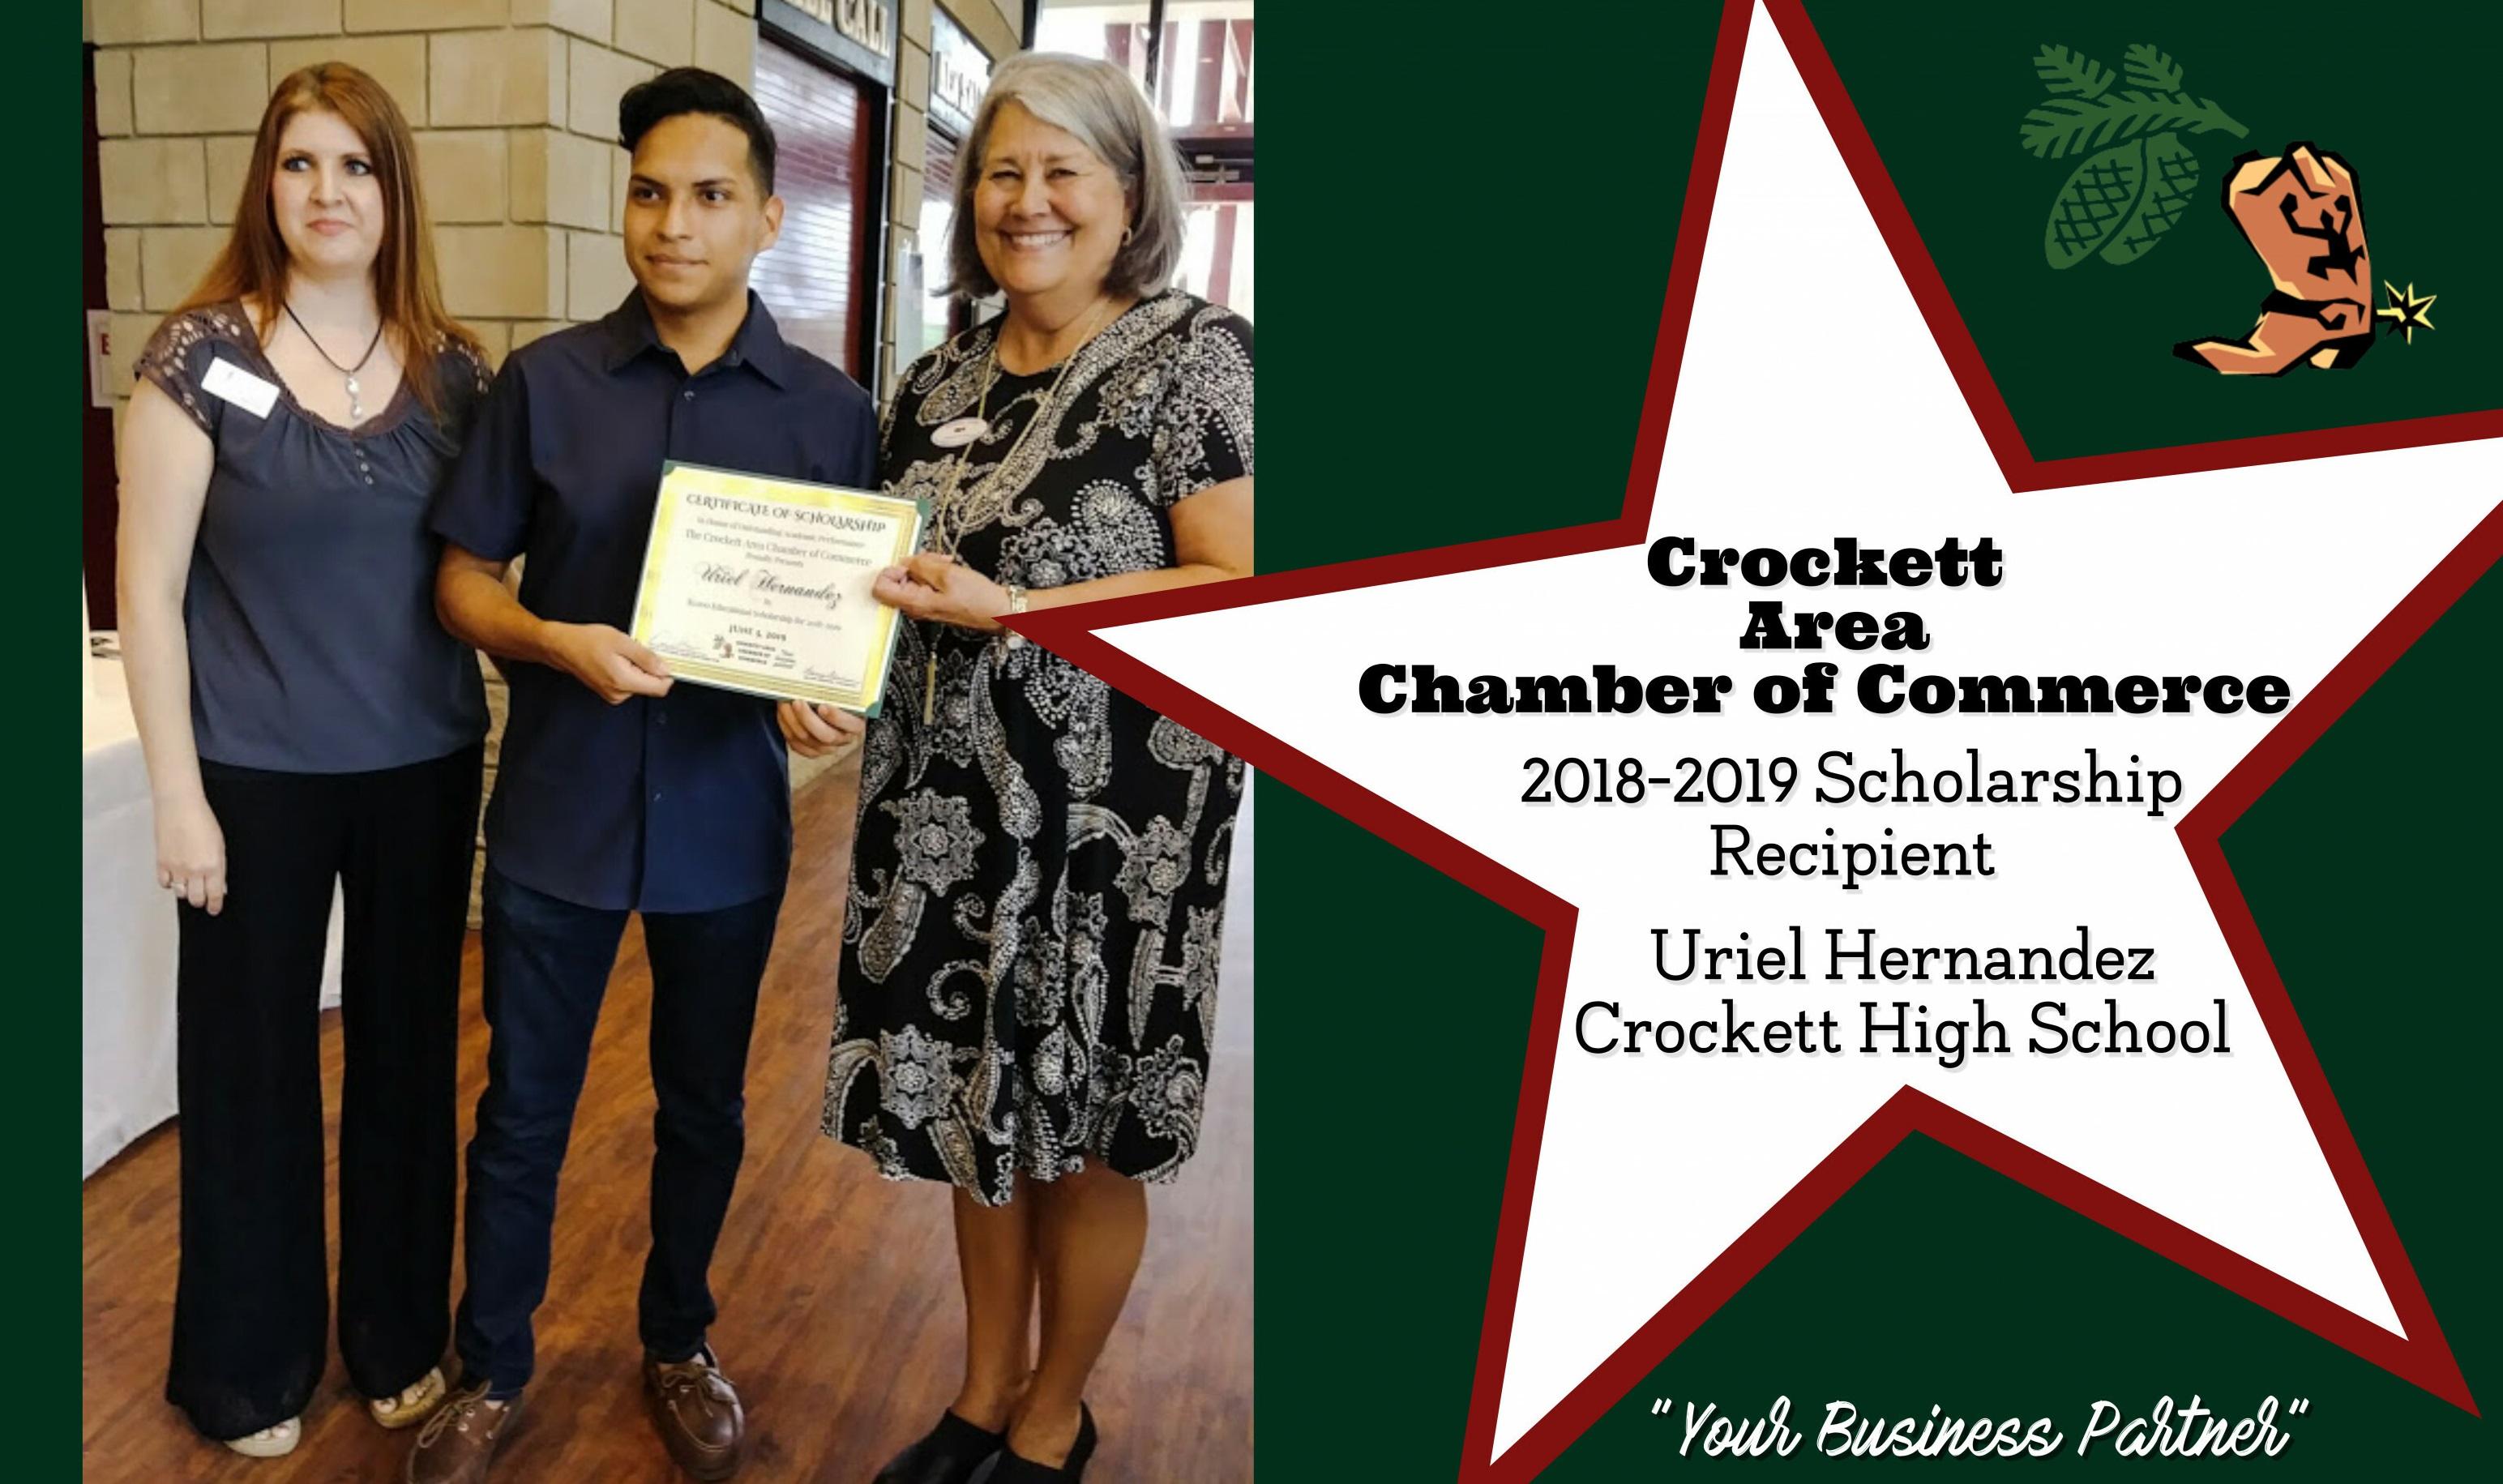 Scholarship Recipient Uriel Hernandez